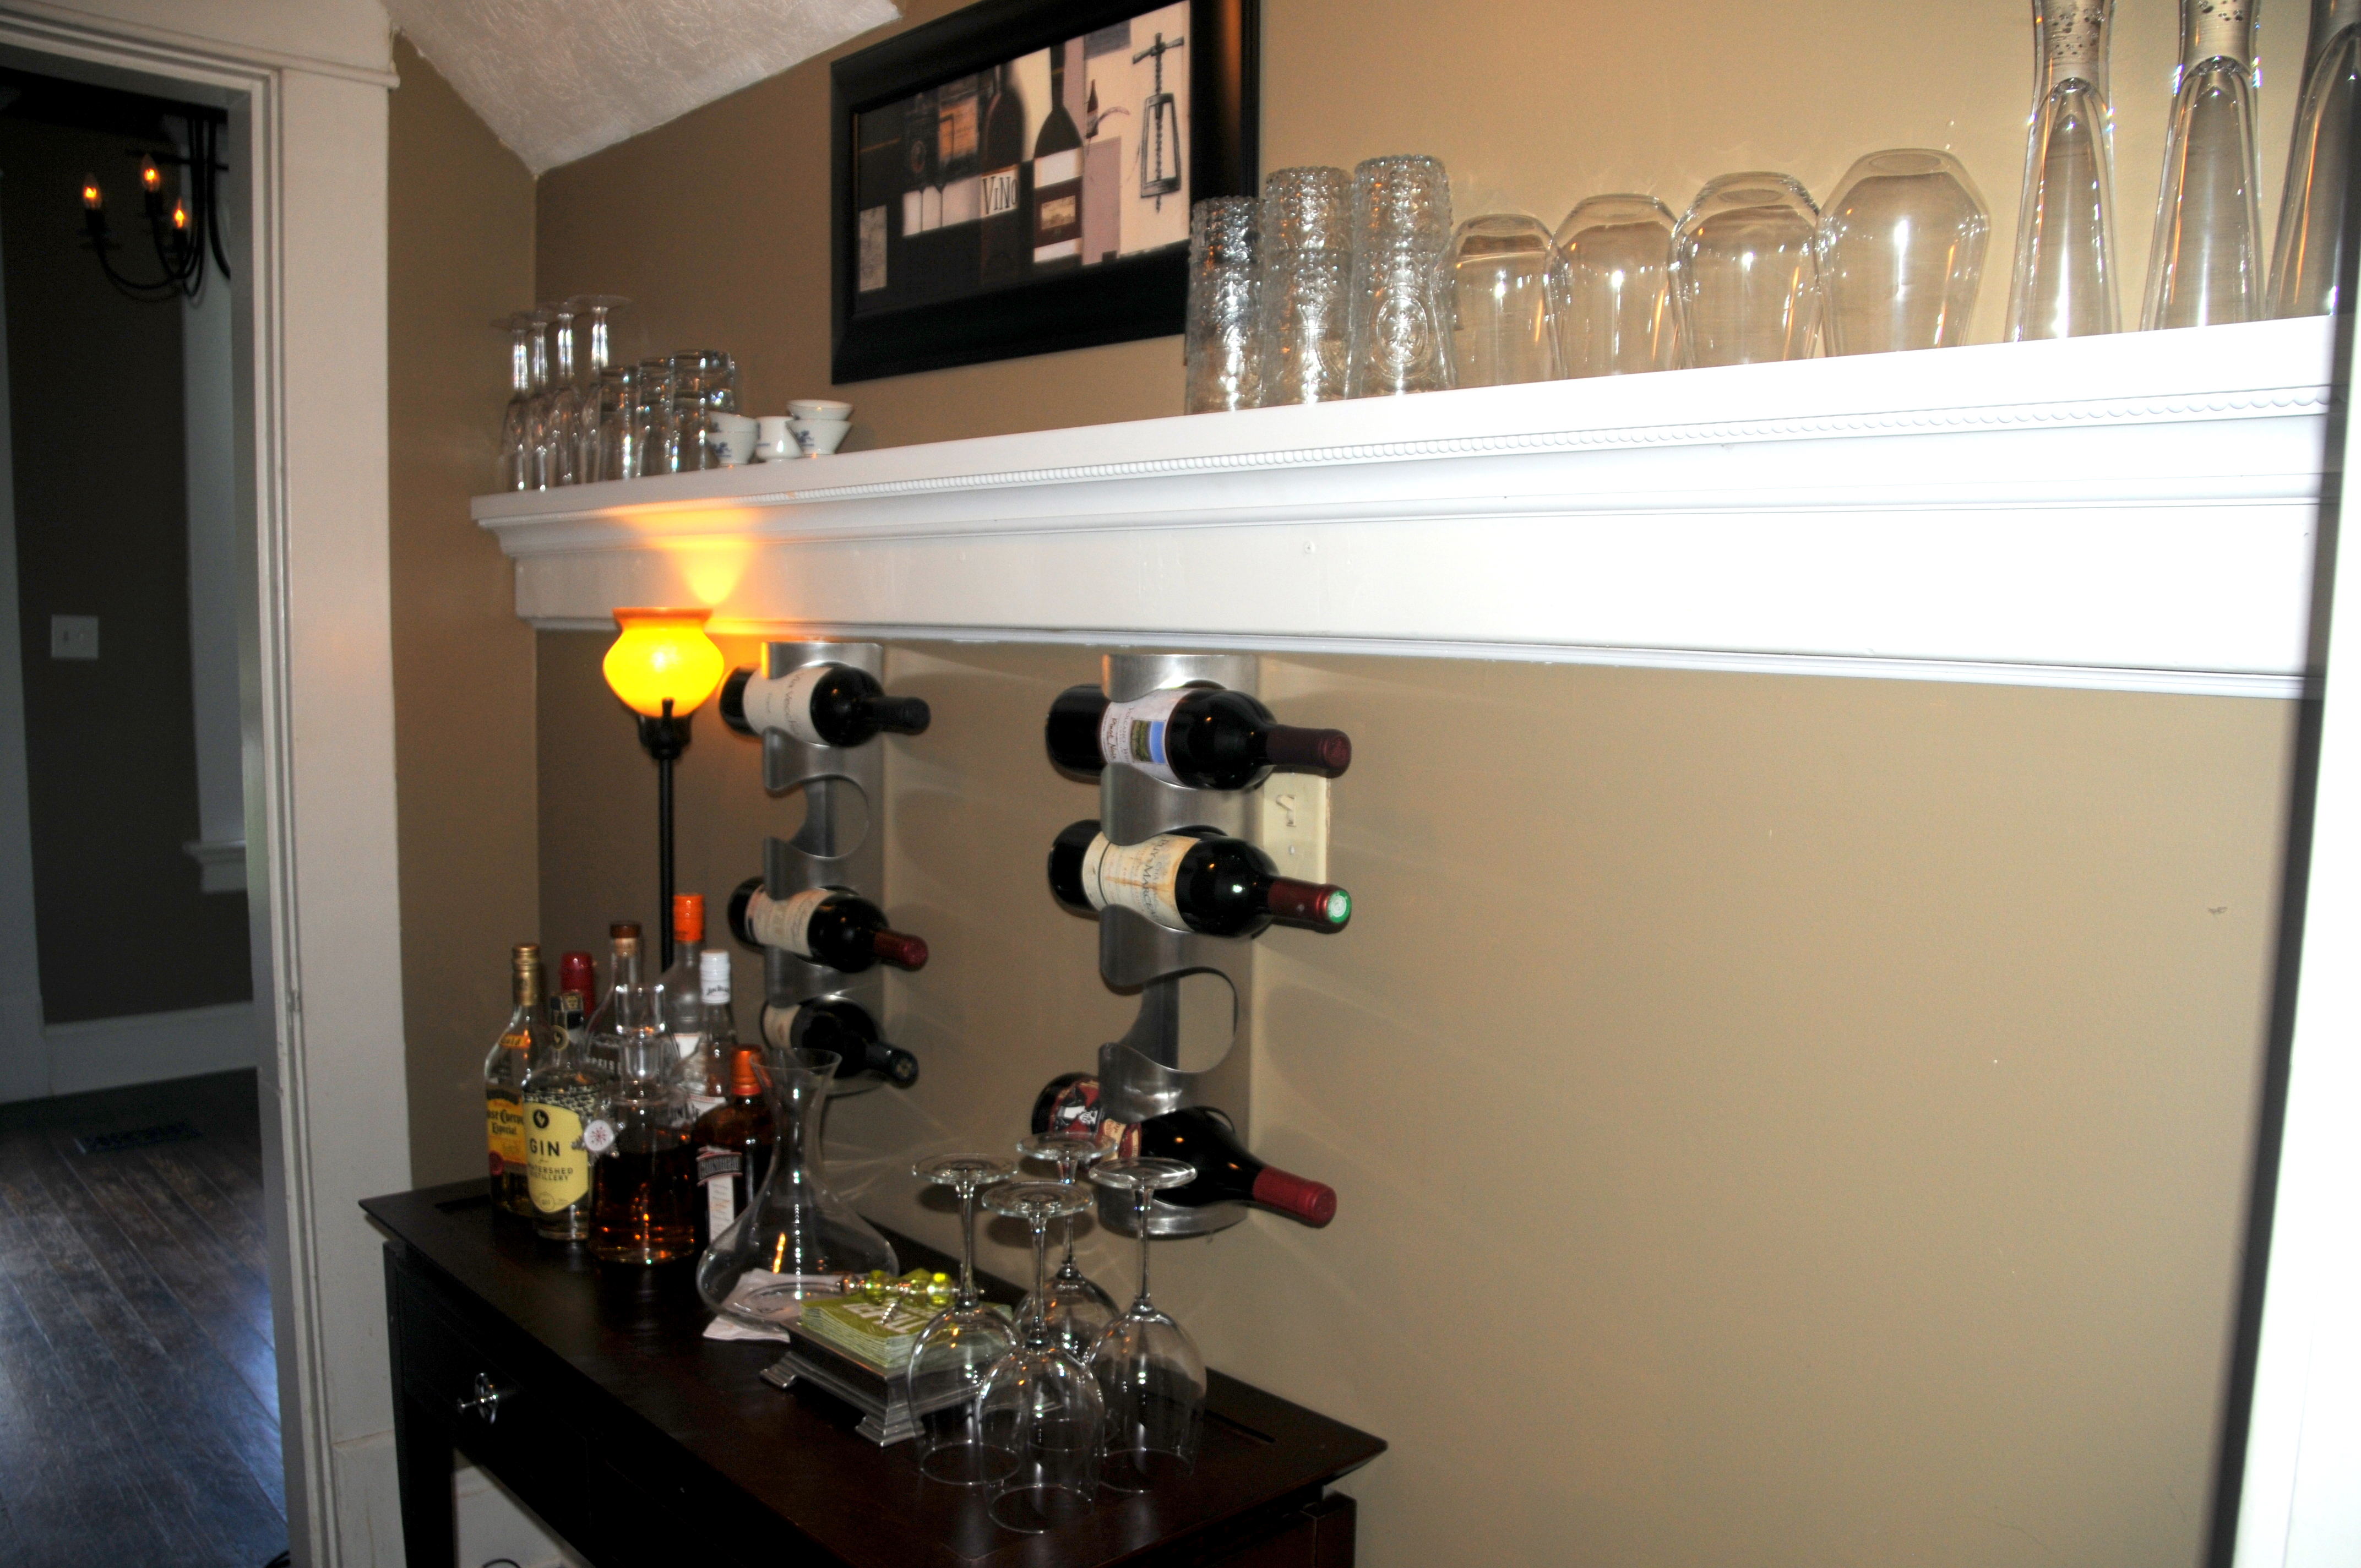 House Tour: The Bar - Earnest Home co.